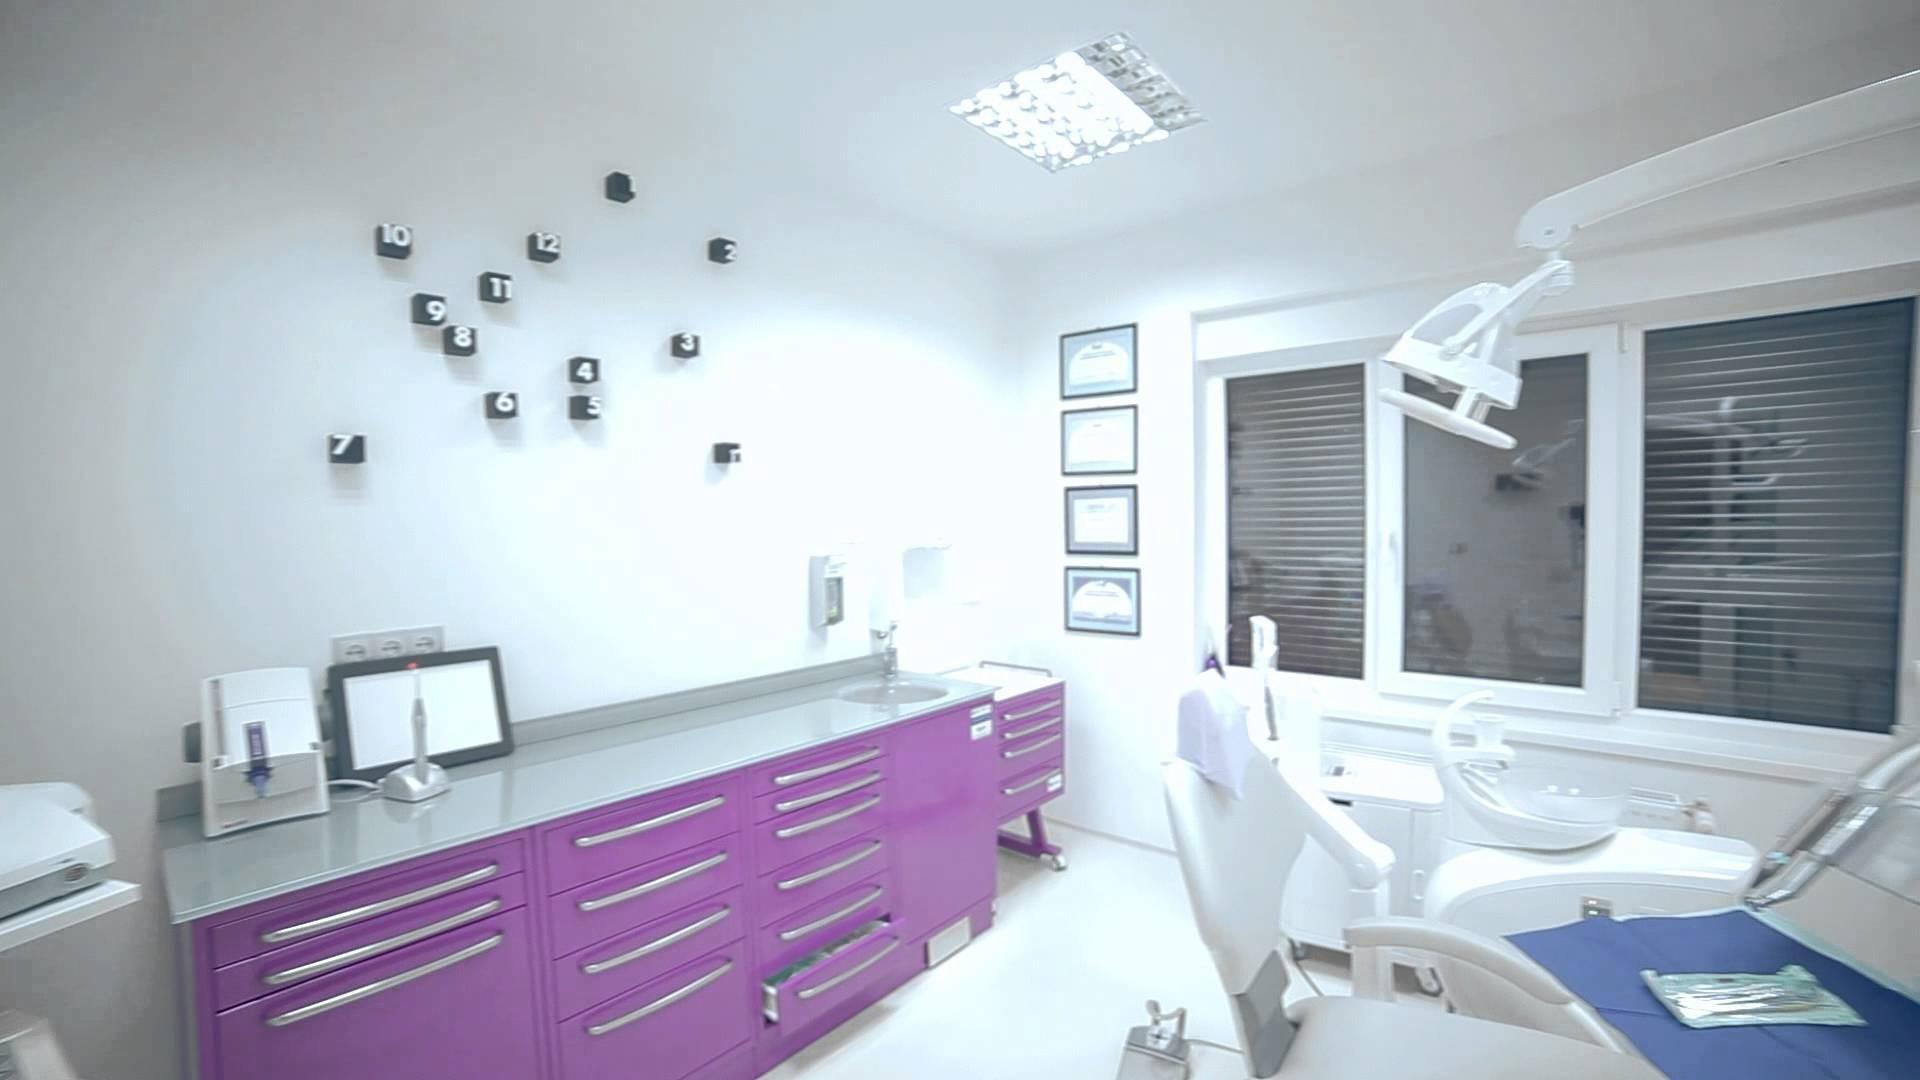 Cute Dental Wallpaper 39 Images